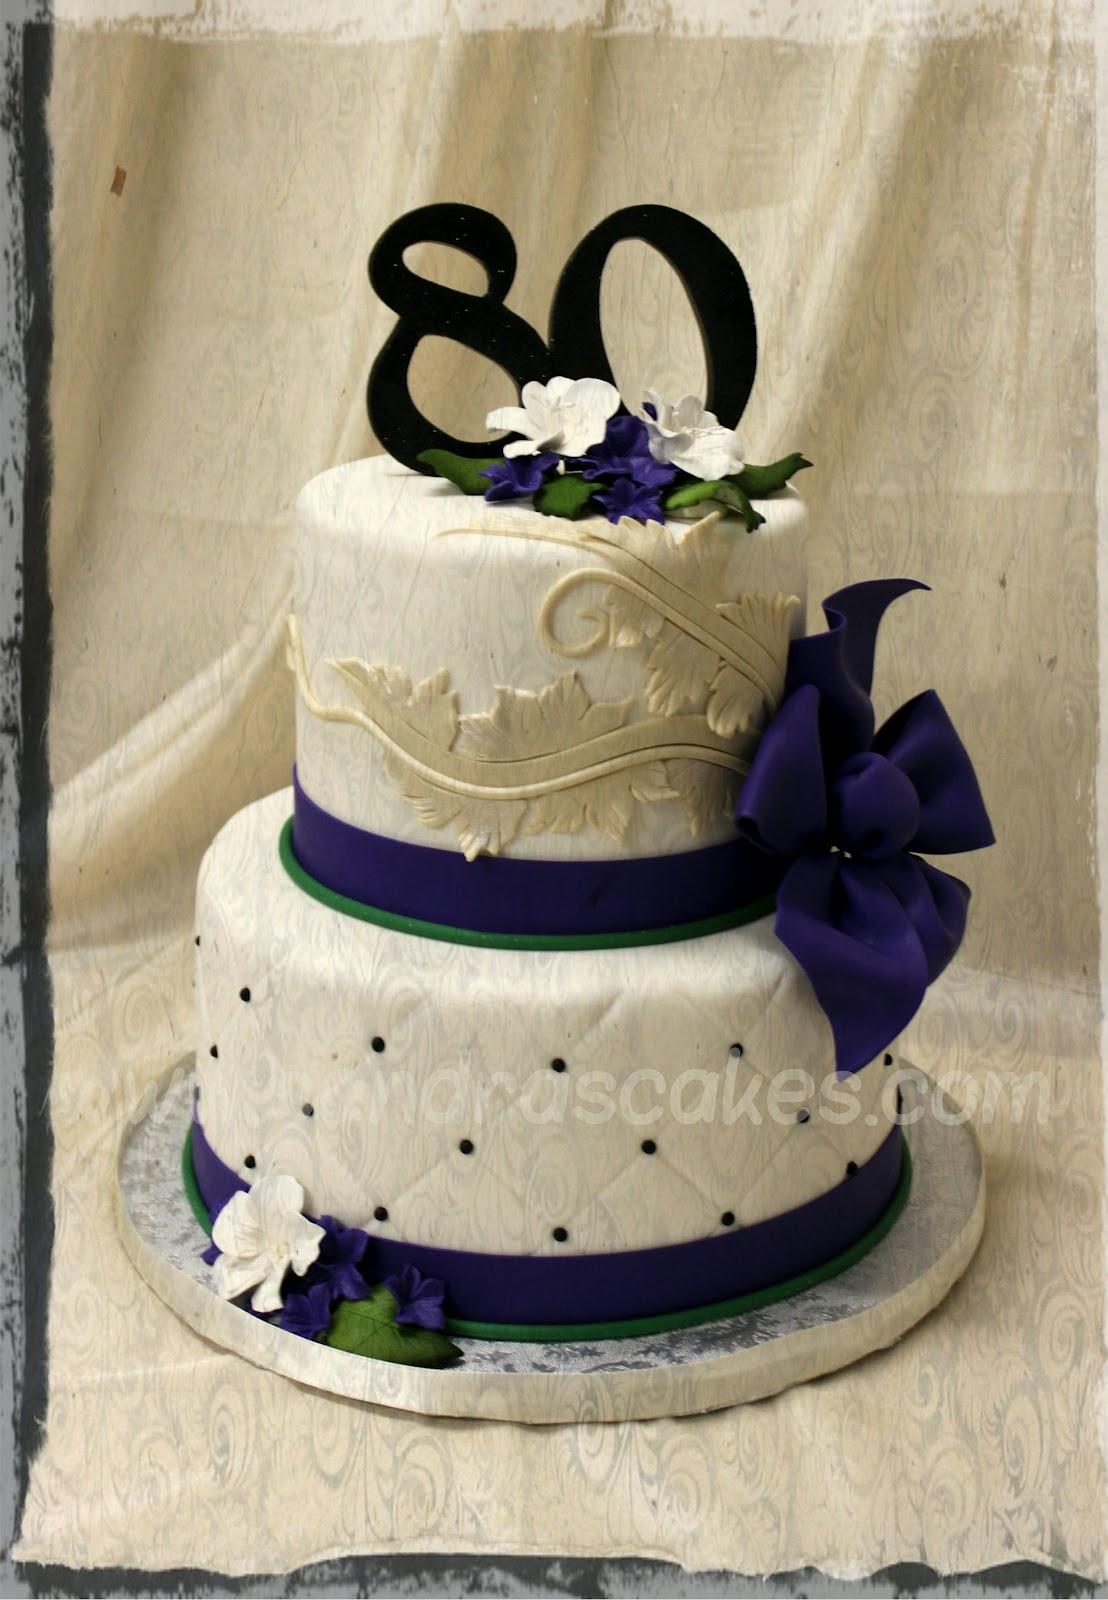 Elegant Birthday Cake Ideas For Women